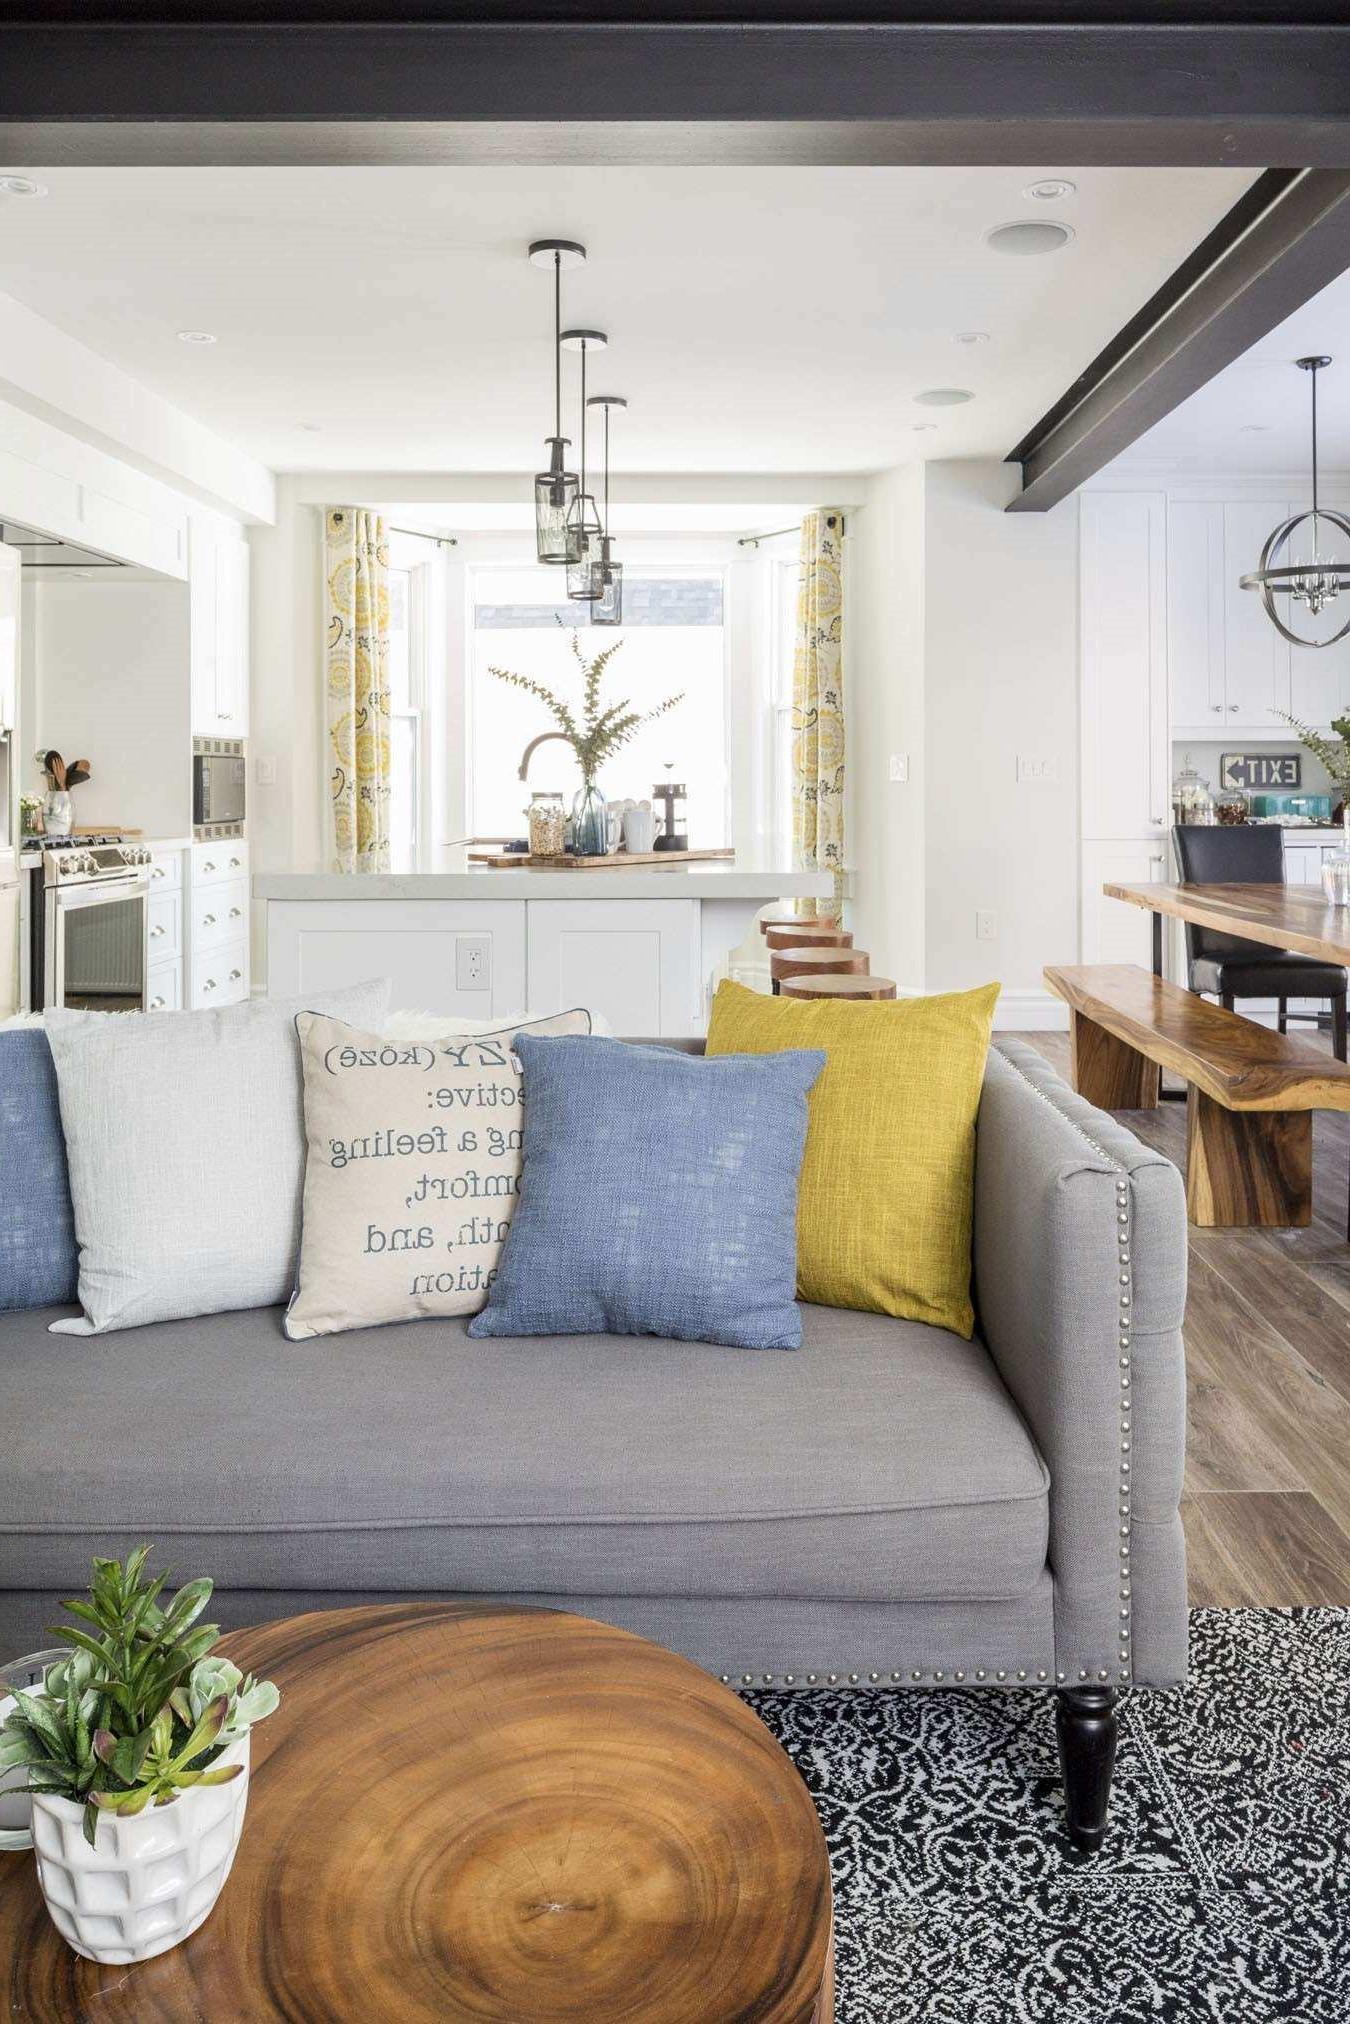 Les meubles bas, comme ce canapé capitonné, donnent une sensation de confort au salon.